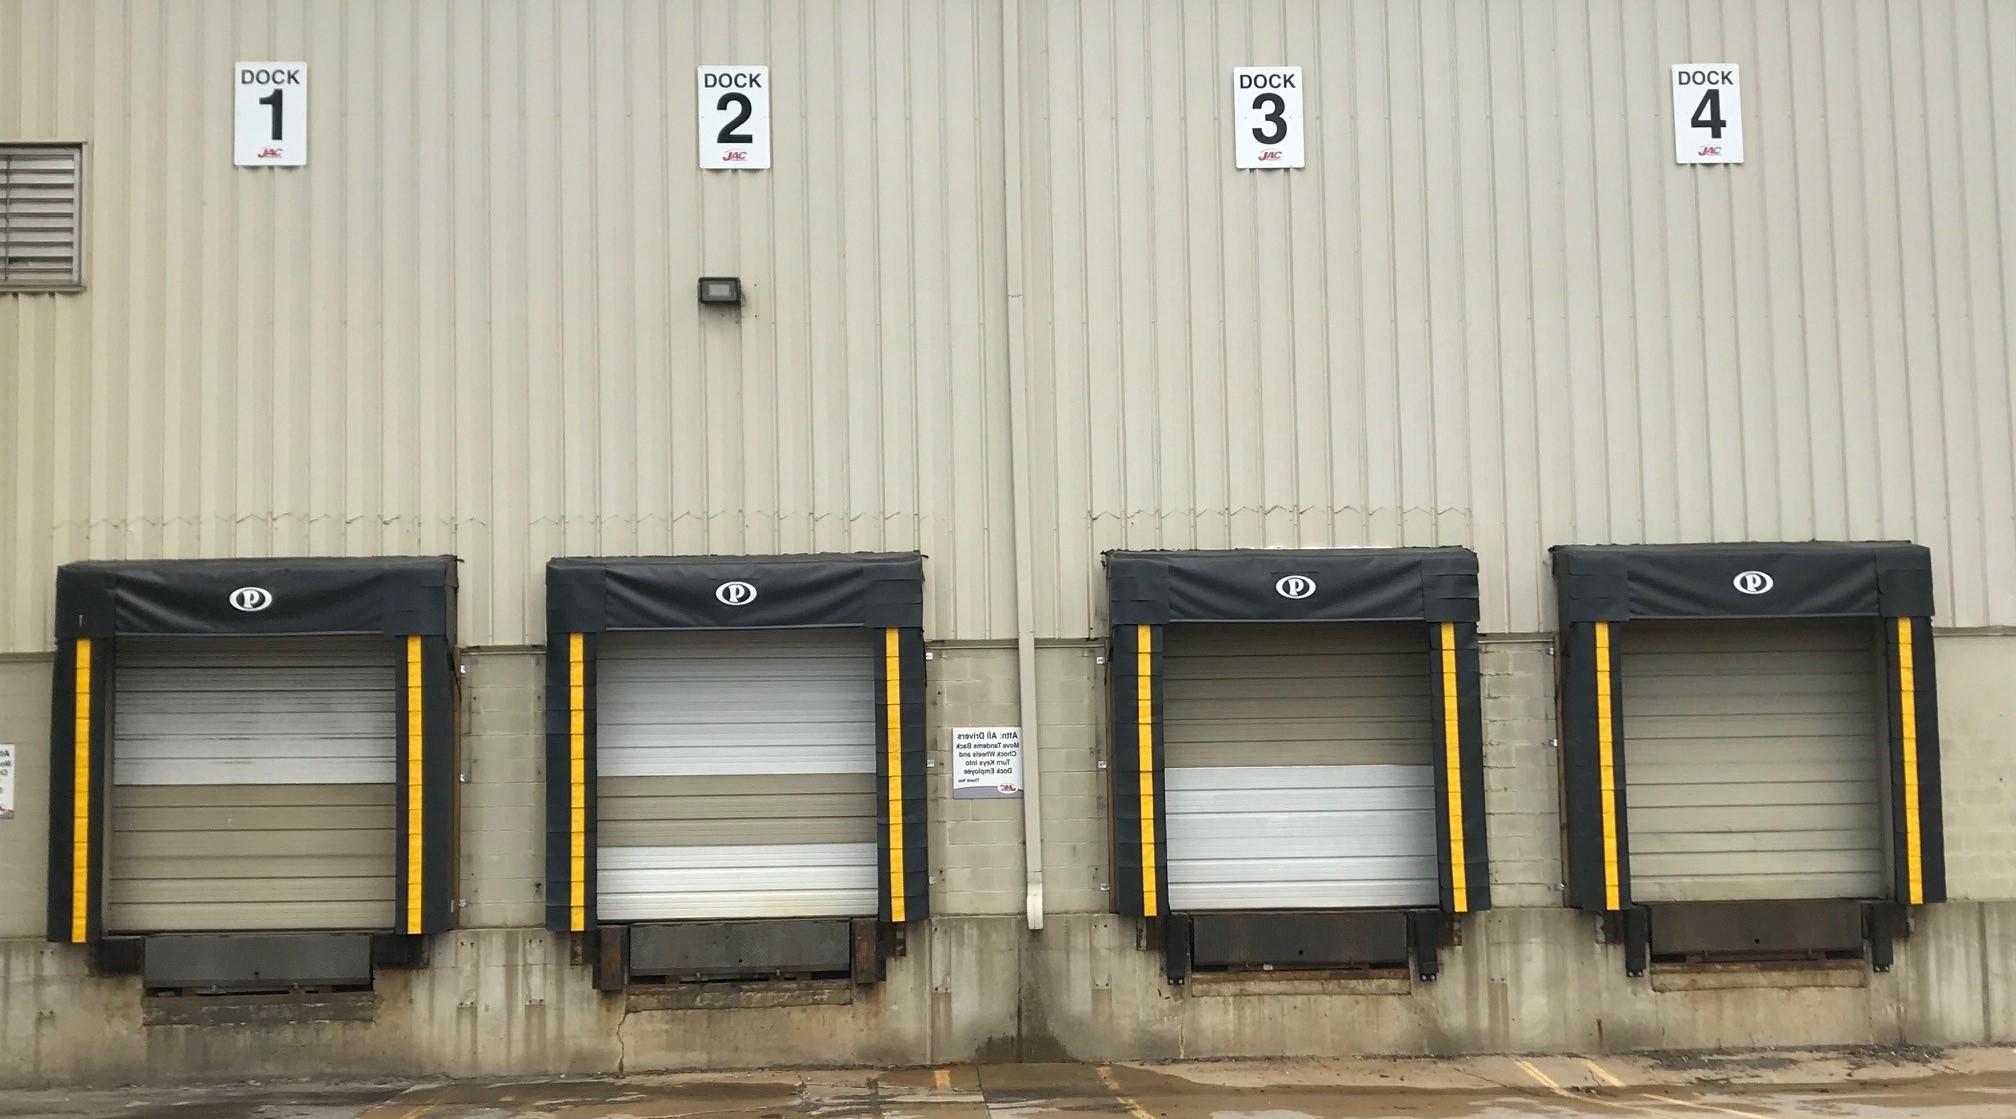 dock and door planned maintenance